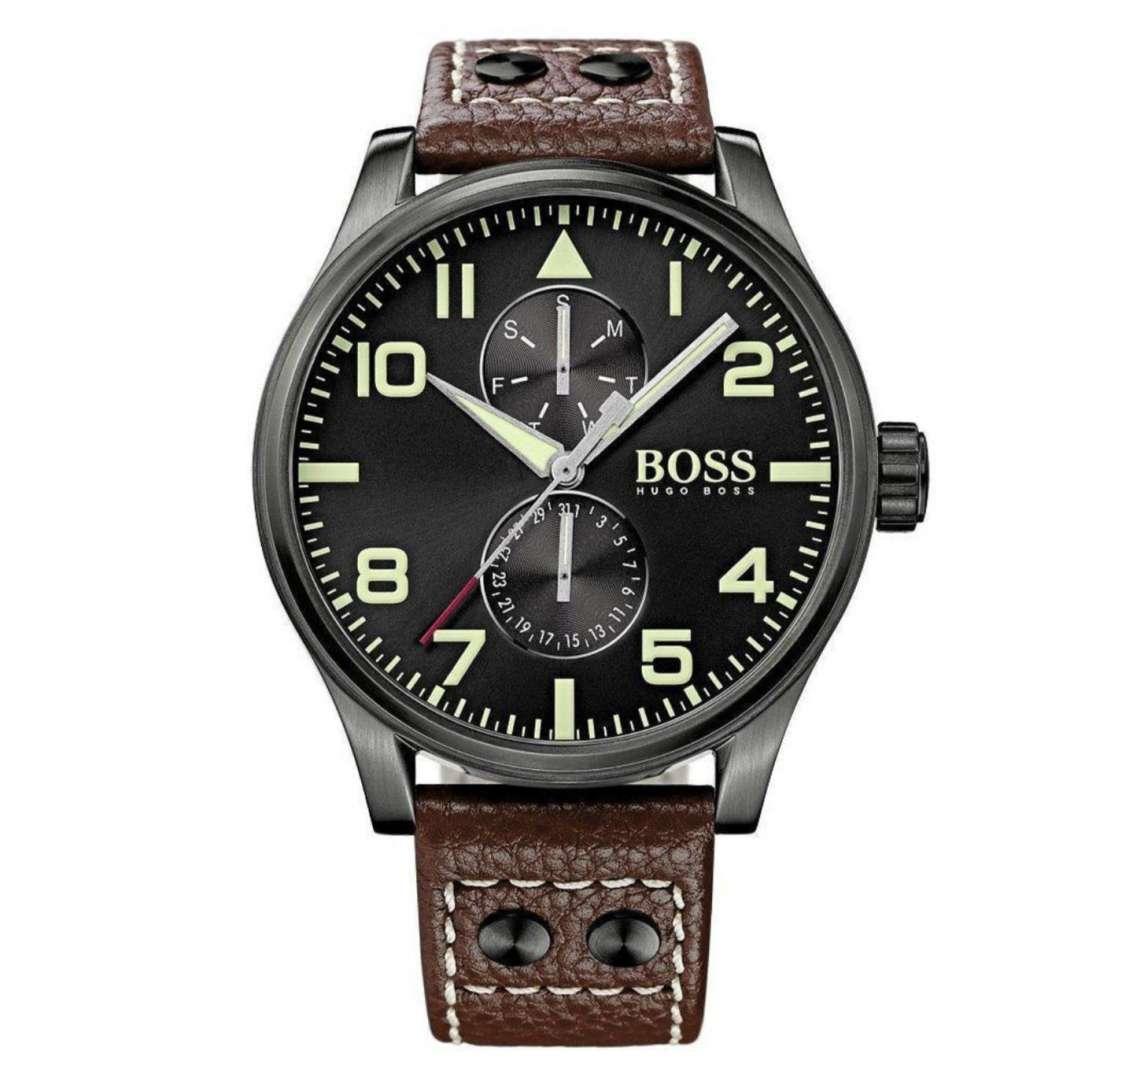 שעון יד אנלוגי לגבר hugo boss 1513079 הוגו בוס